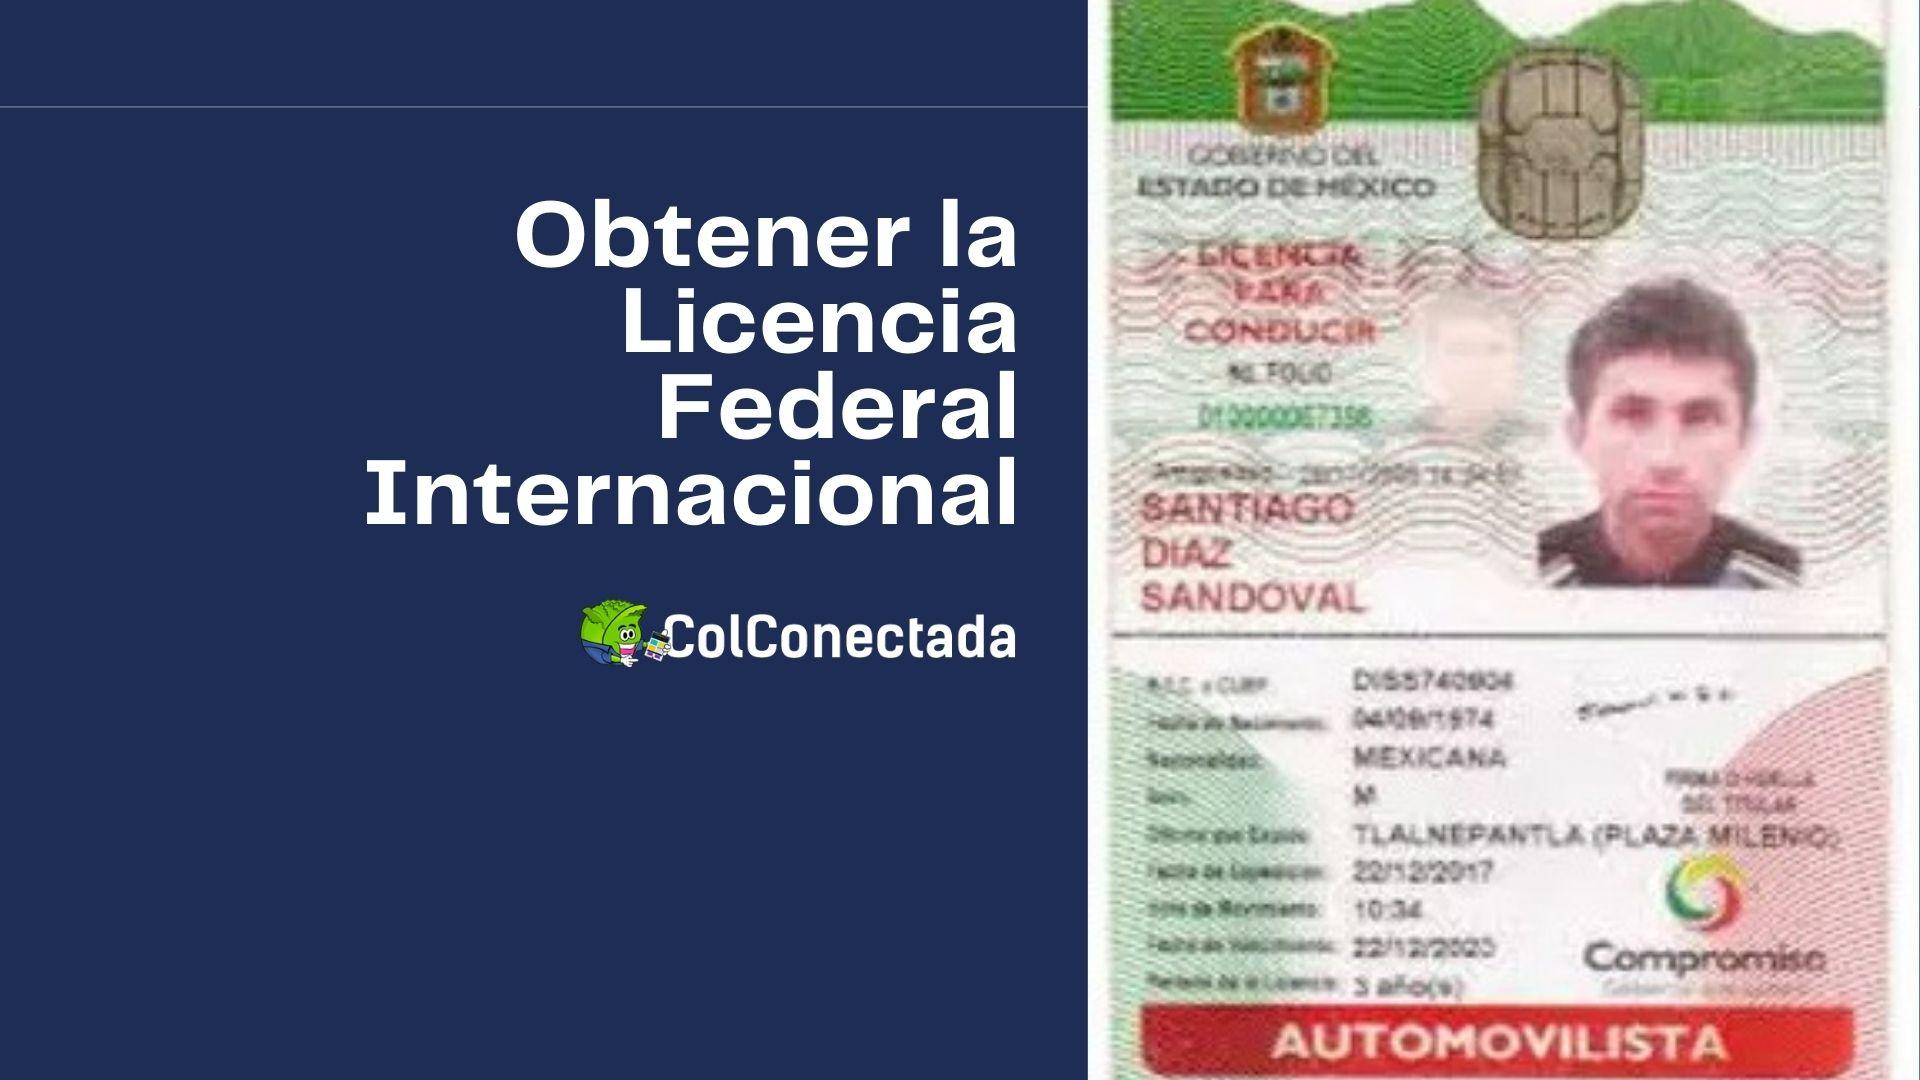 Cómo expedir la licencia federal con permiso internacional 9